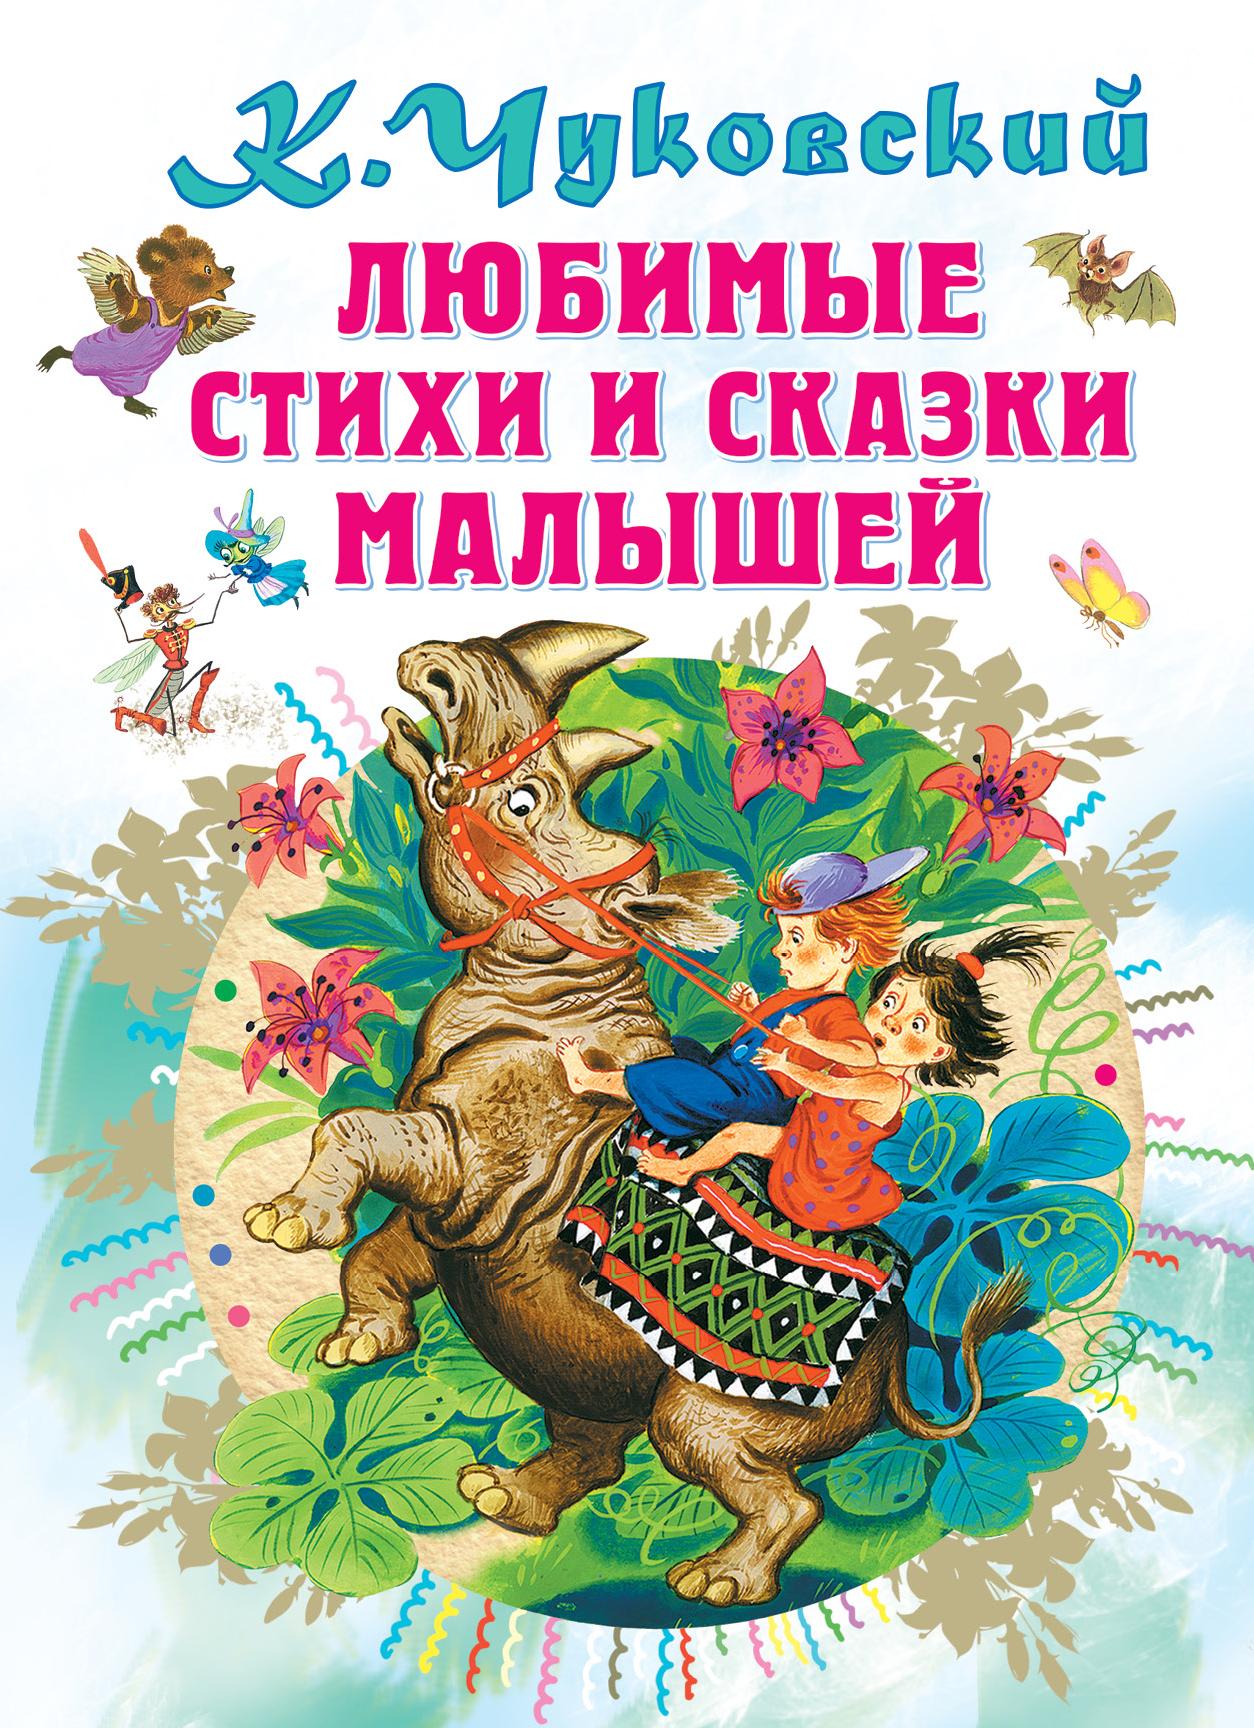 Чуковский К.И. Любимые стихи и сказки малышей русич чудо сказки для малышей